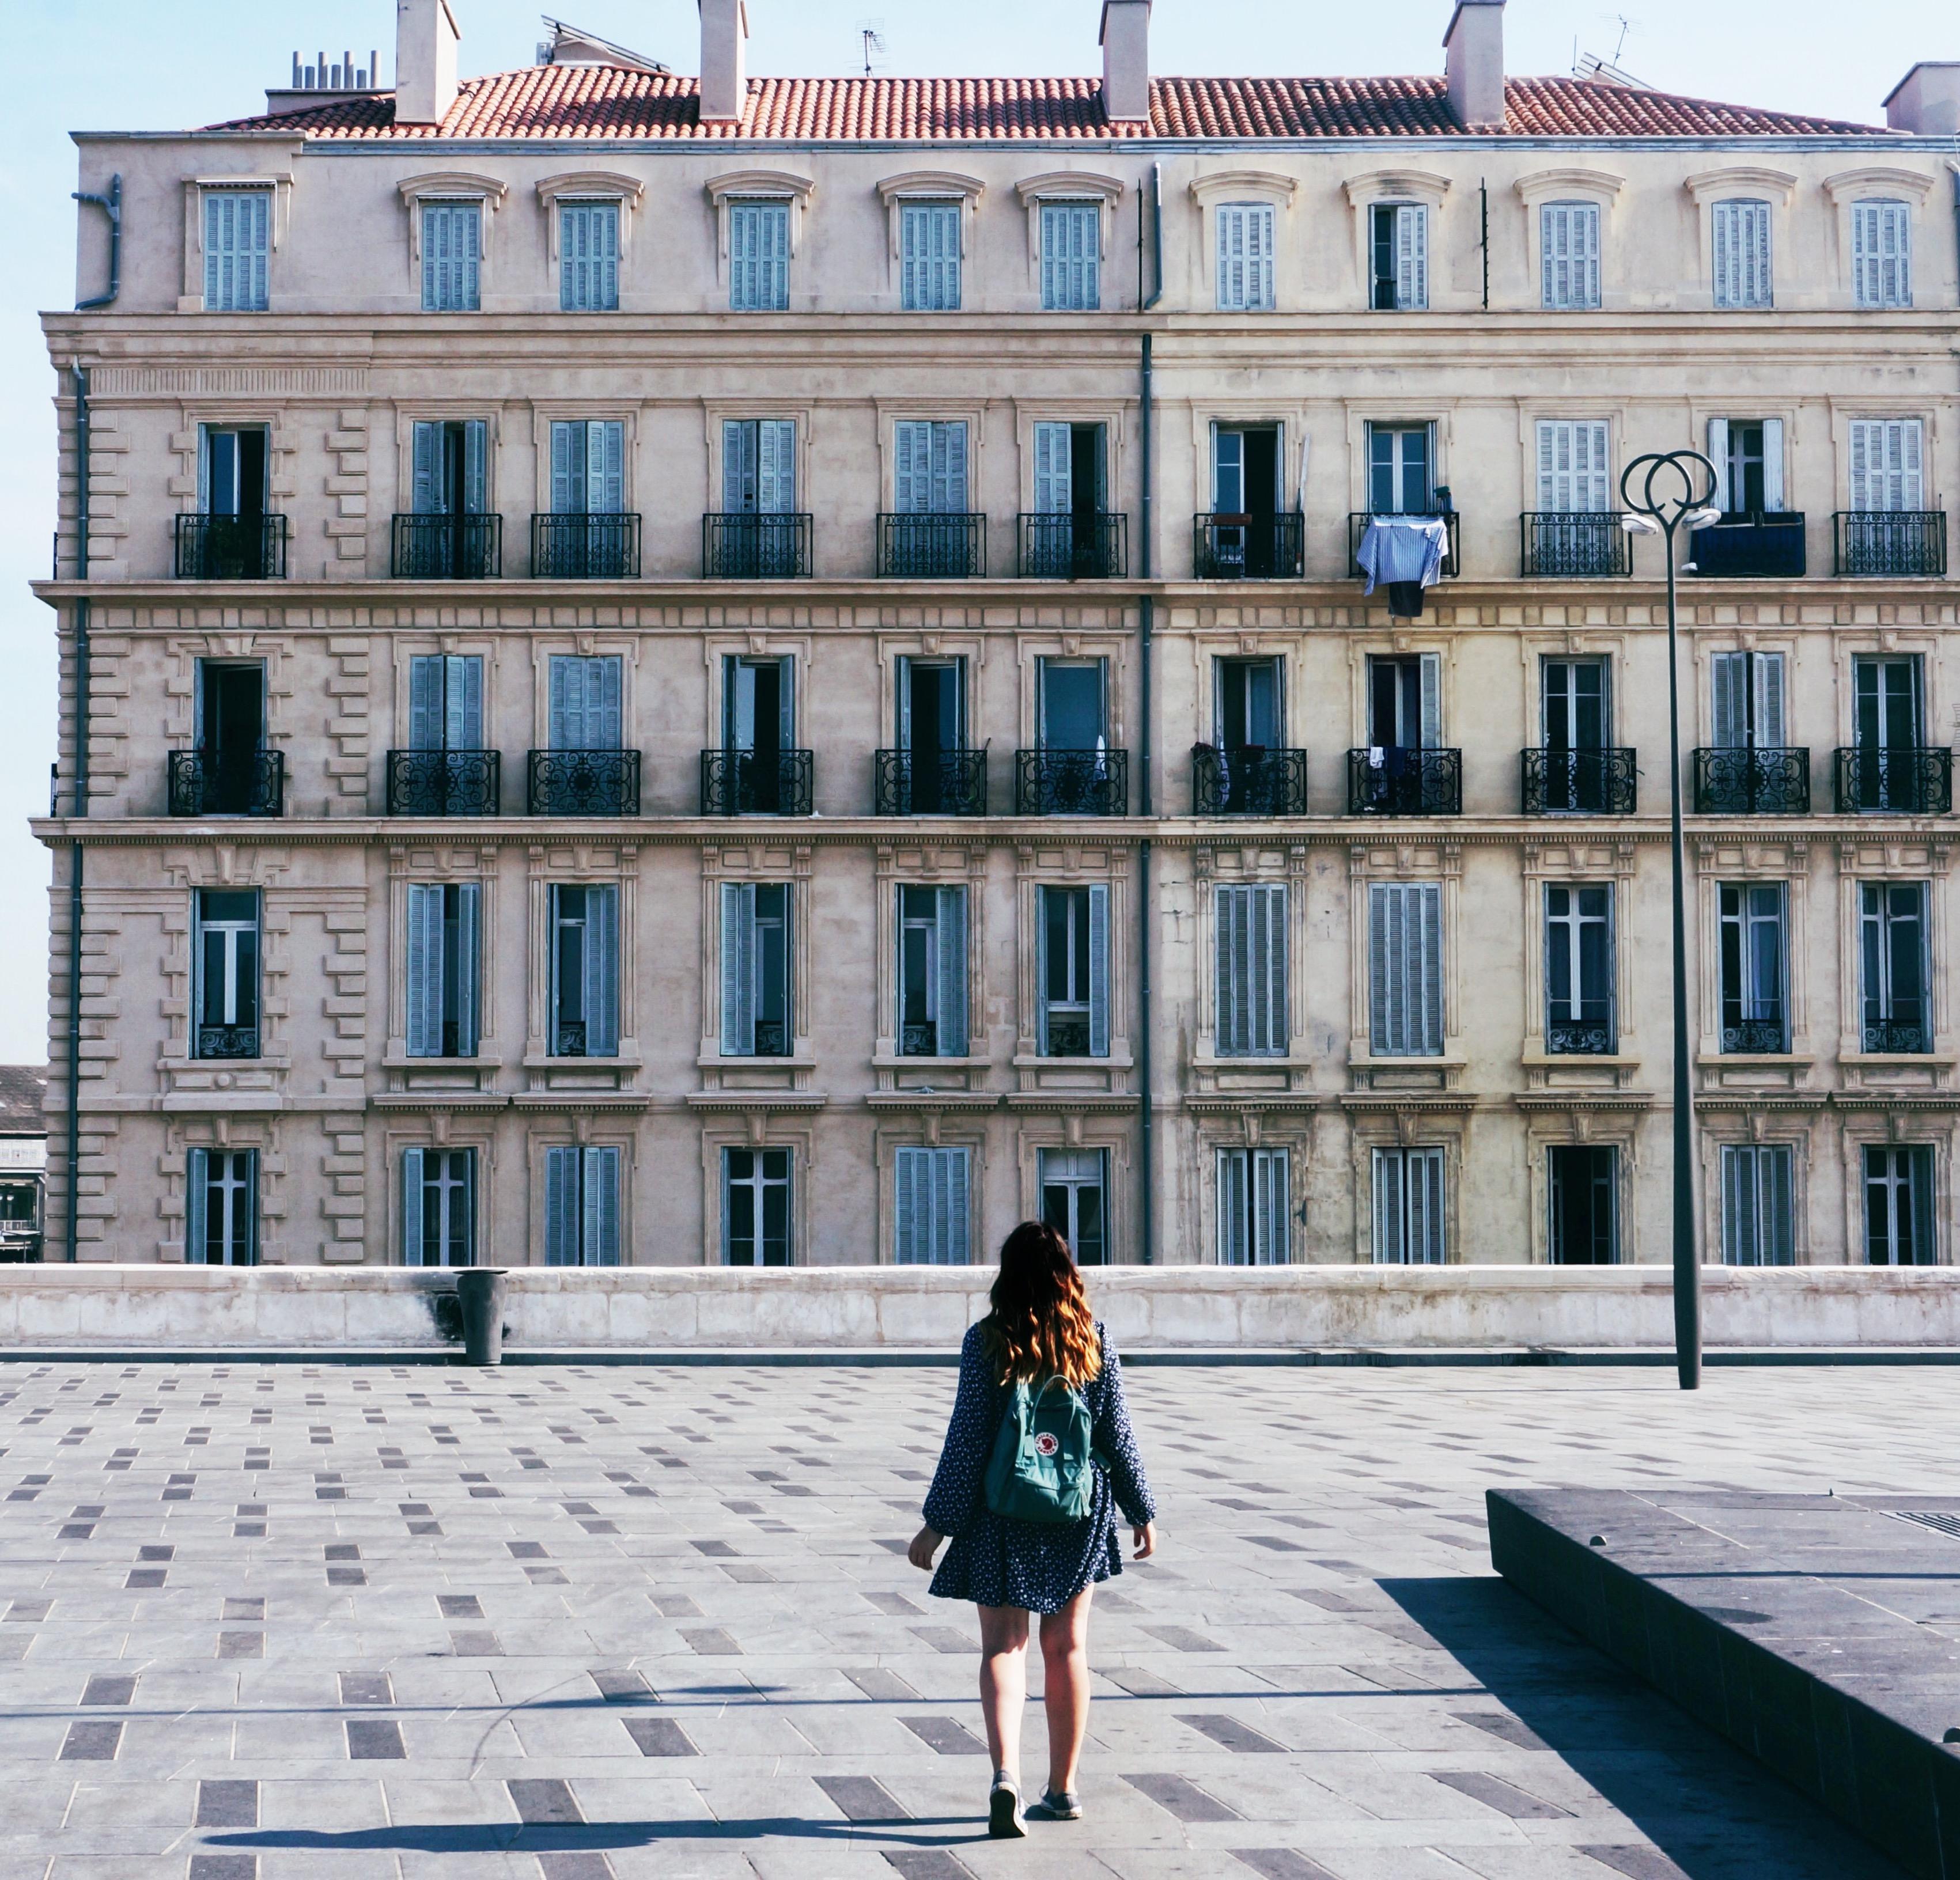 Kathedrale von marseille, Reisen, Sehenswürdigkeiten, Frankreich, Kurztrip, Ausflug, Reisen